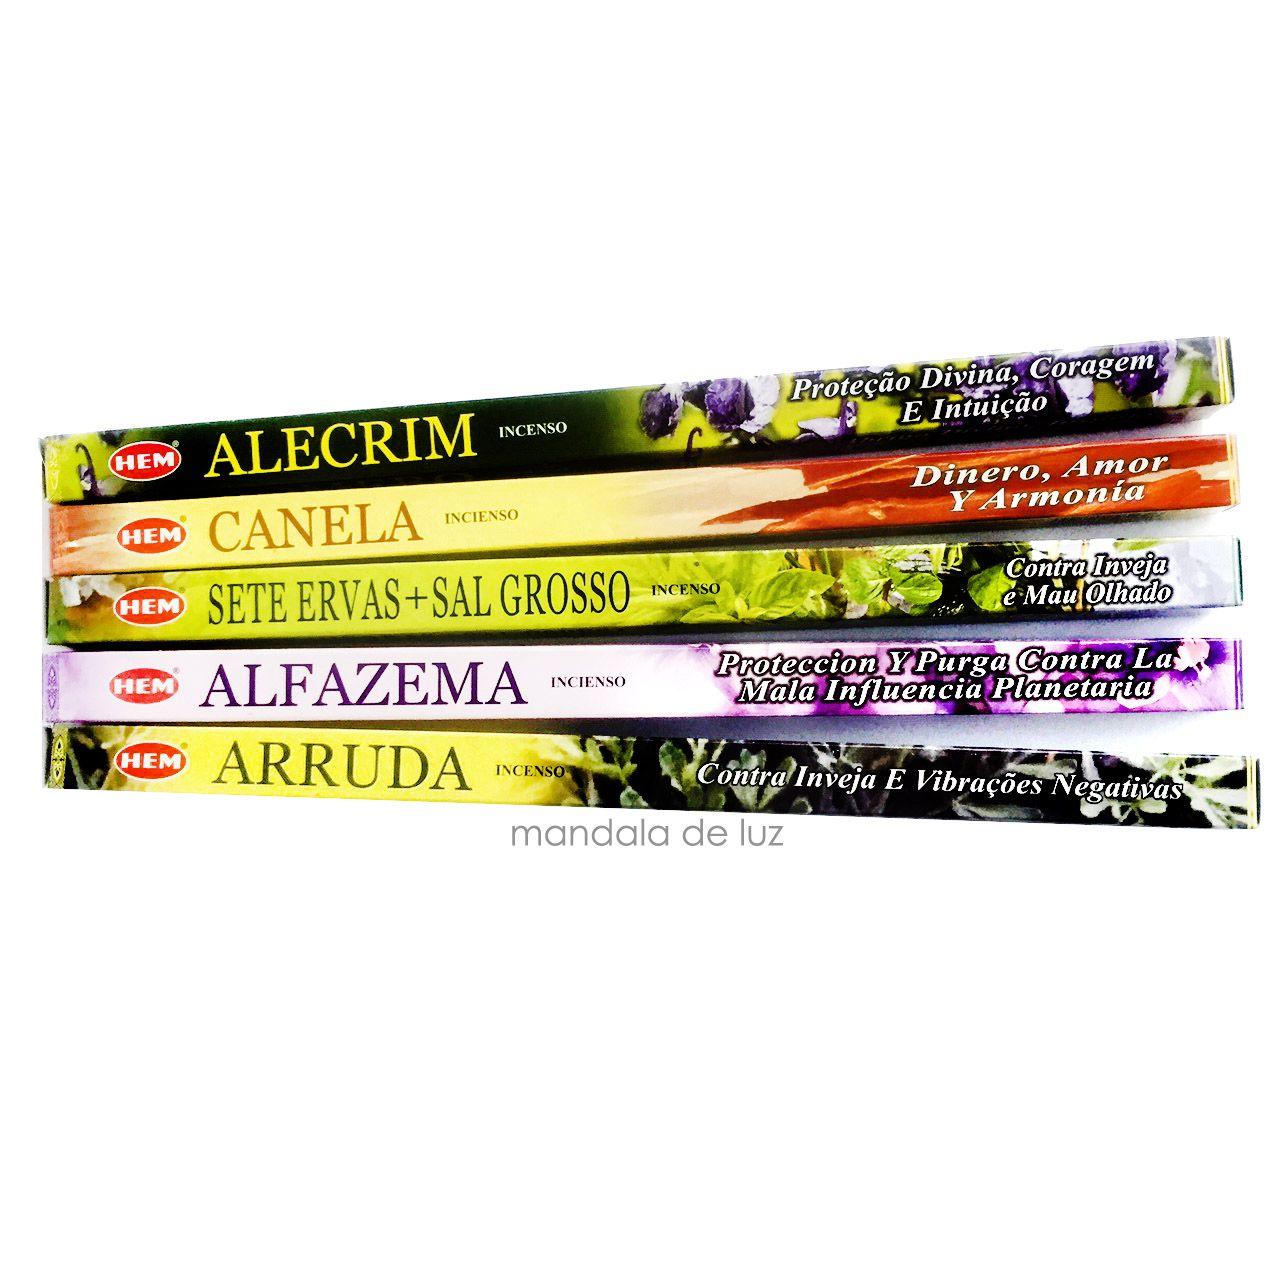 Kit 5 Incensos Hem Alecrim, Canela, 7 ervas, Alfazema e Arruda -  40 varetas